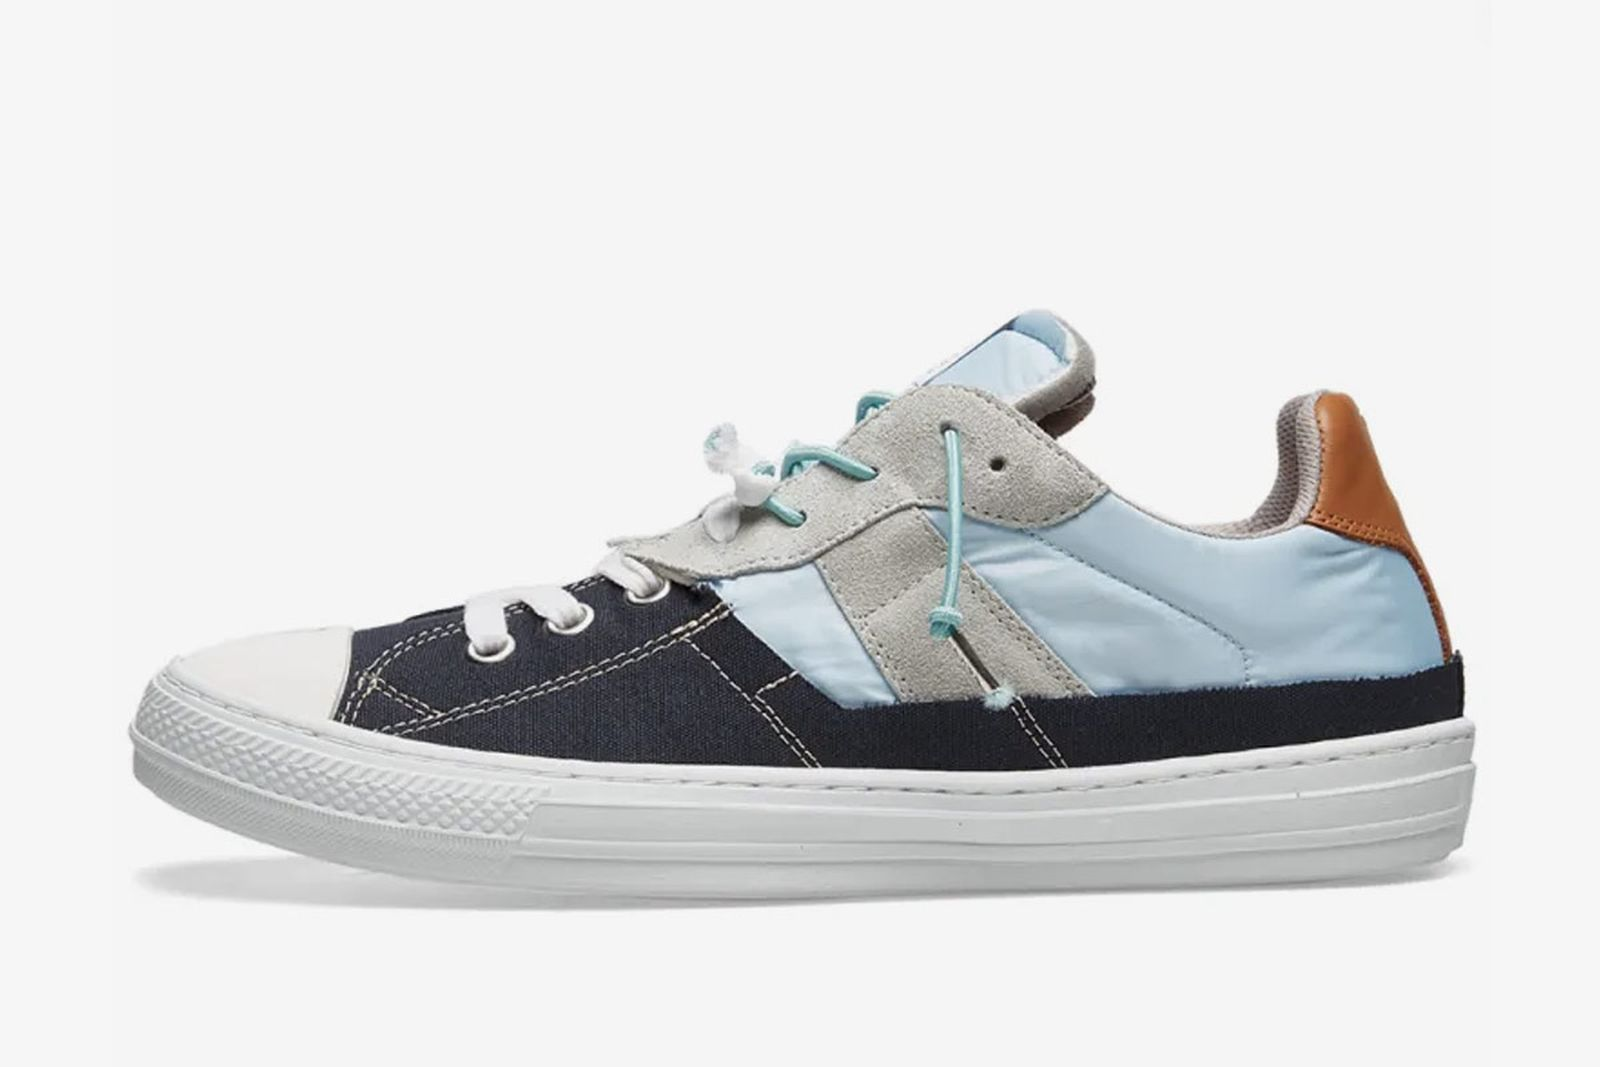 maison margiela 22 1 sneaker release date price maison martin margiela